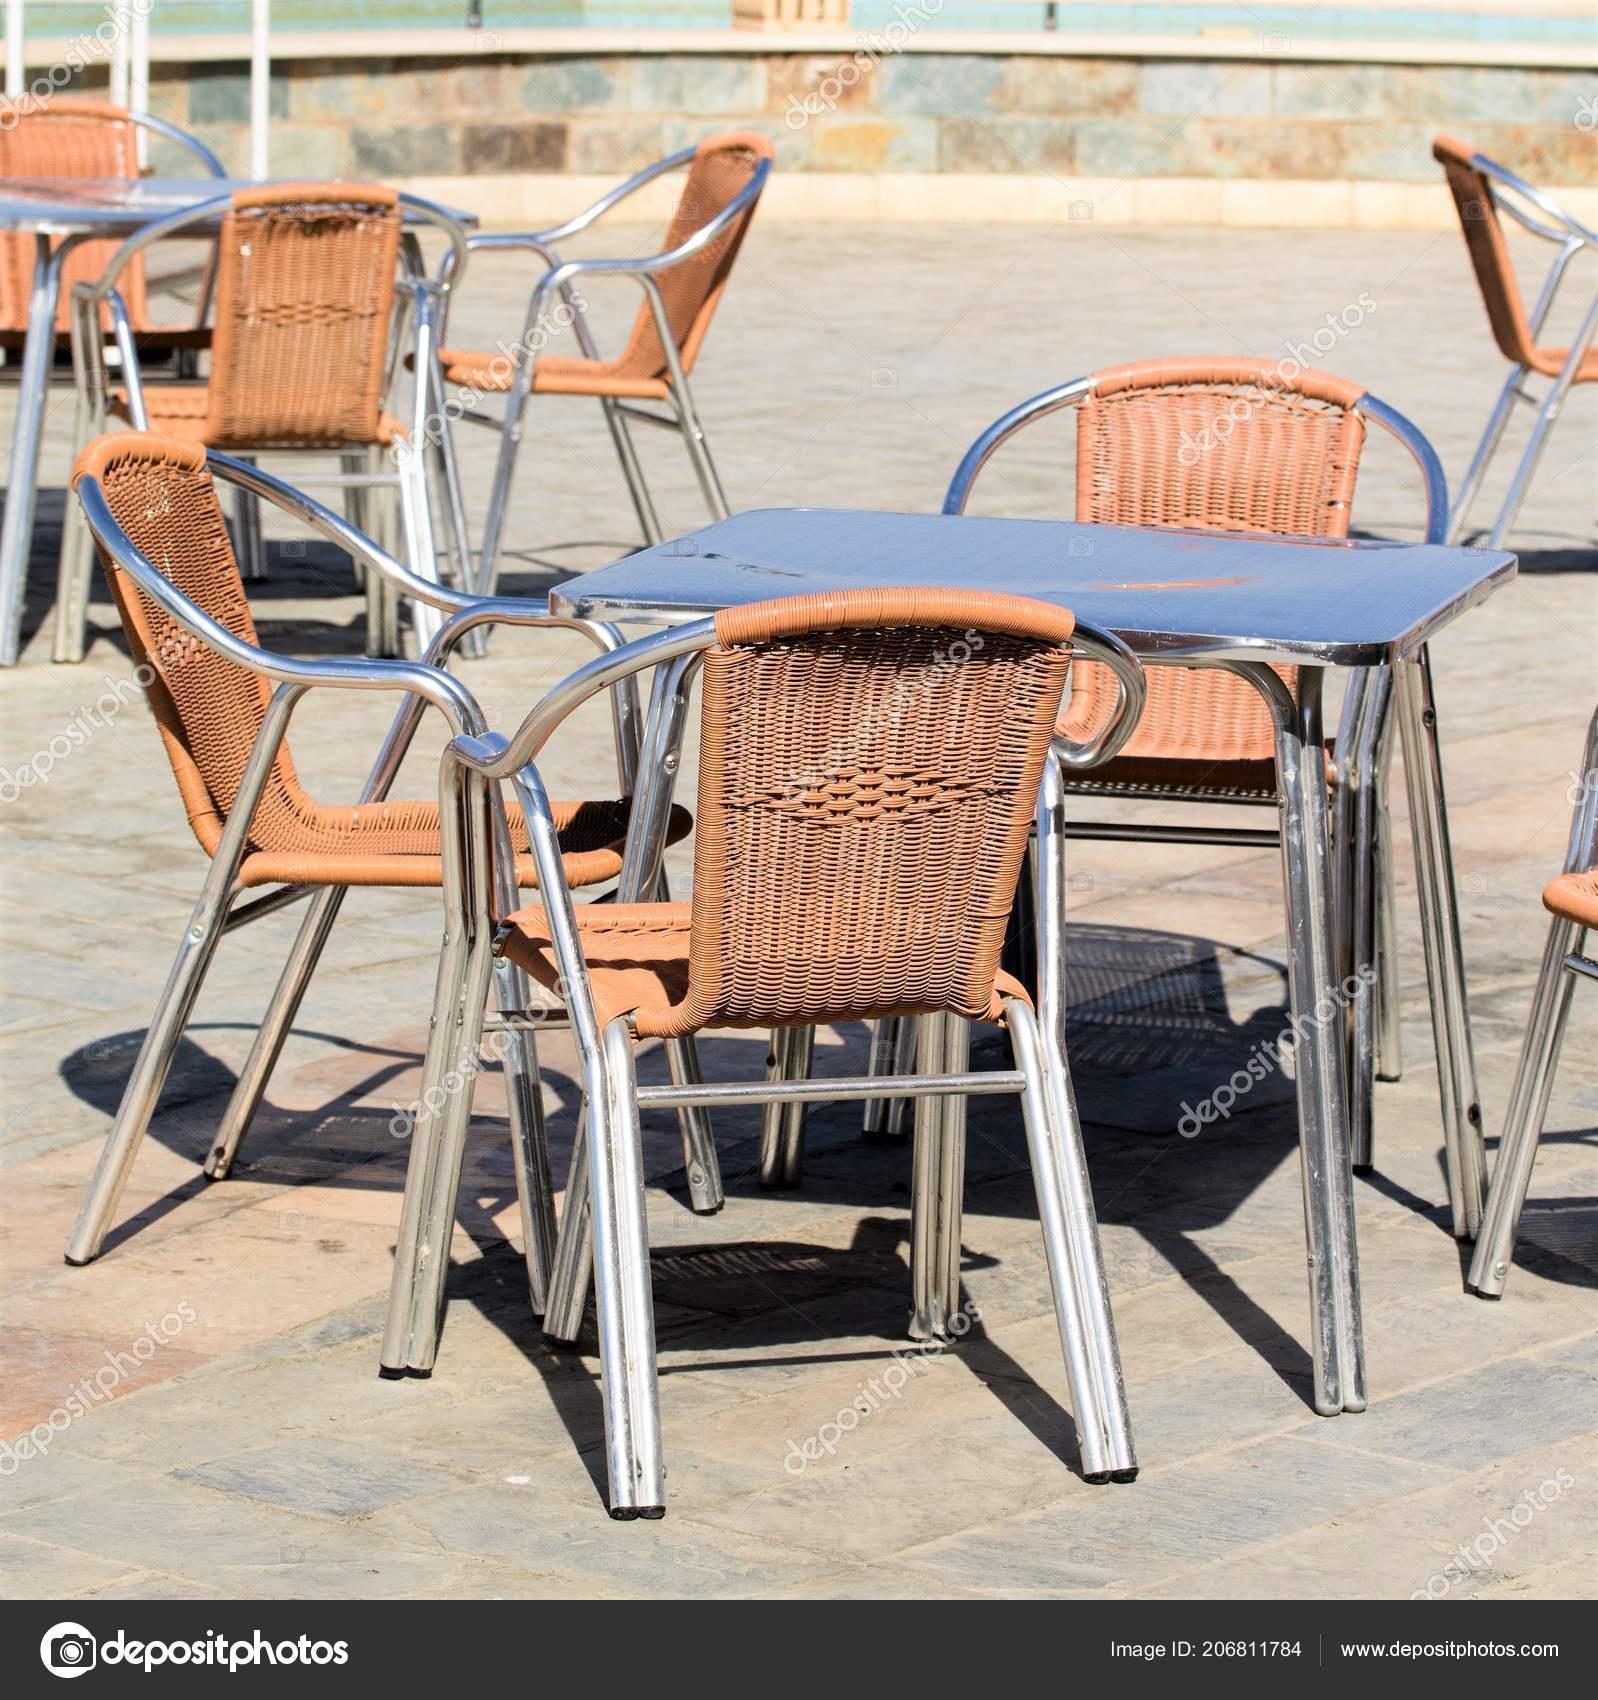 стулья столы улице интерьер кафе стоковое фото Kzwwsko 206811784